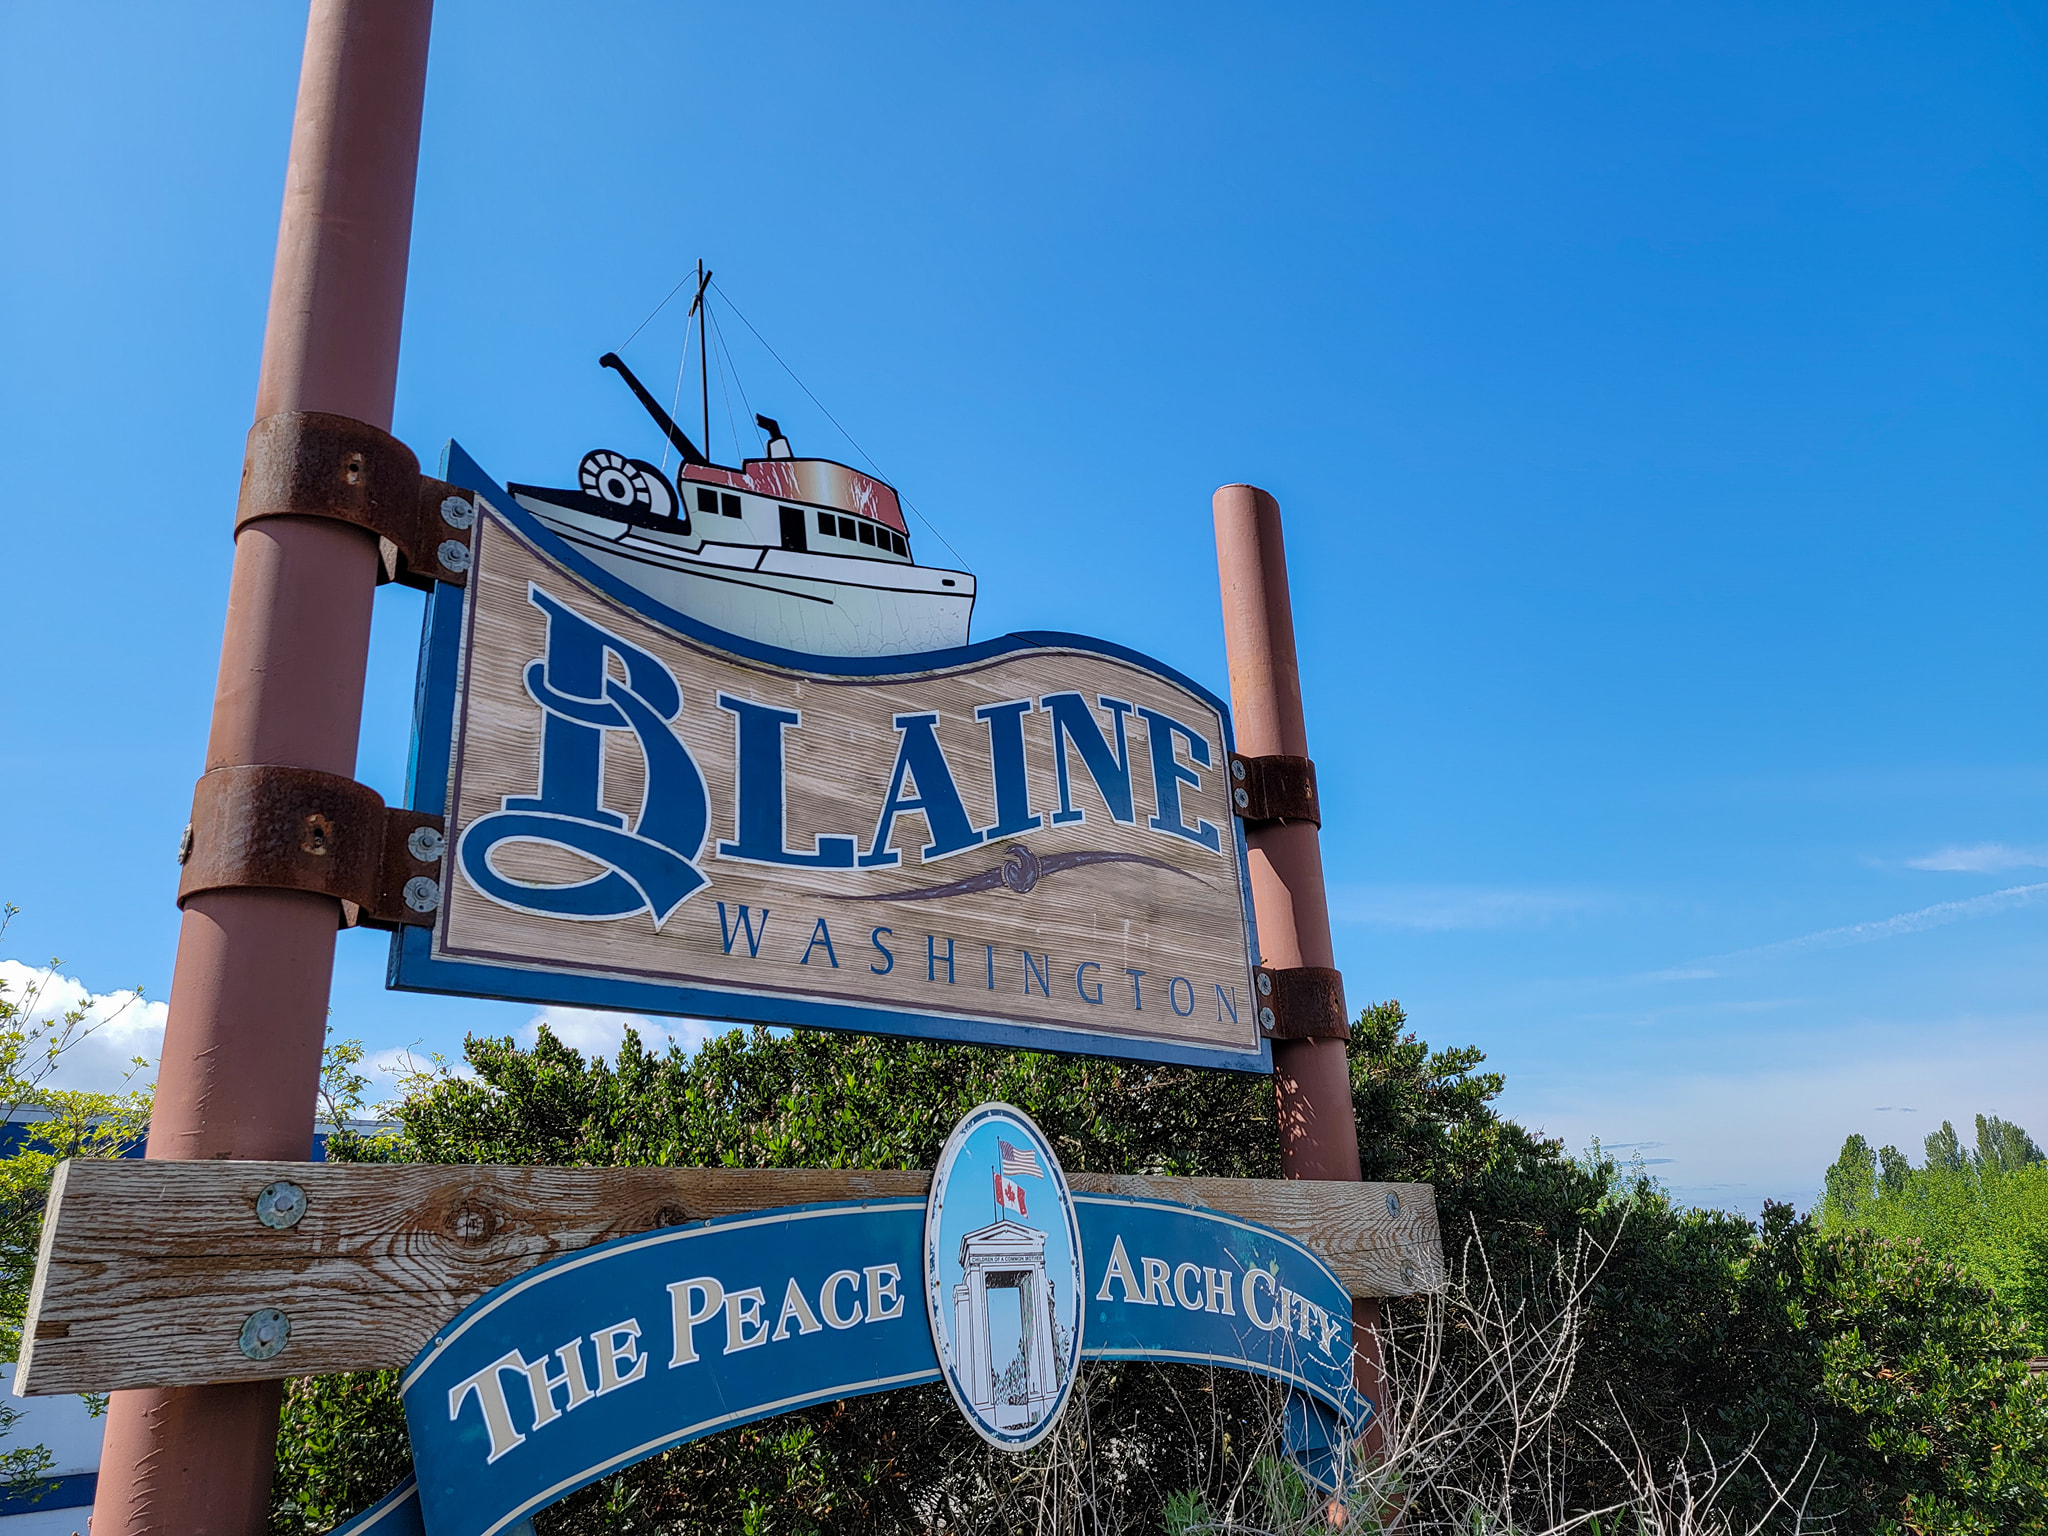 Blaine WA